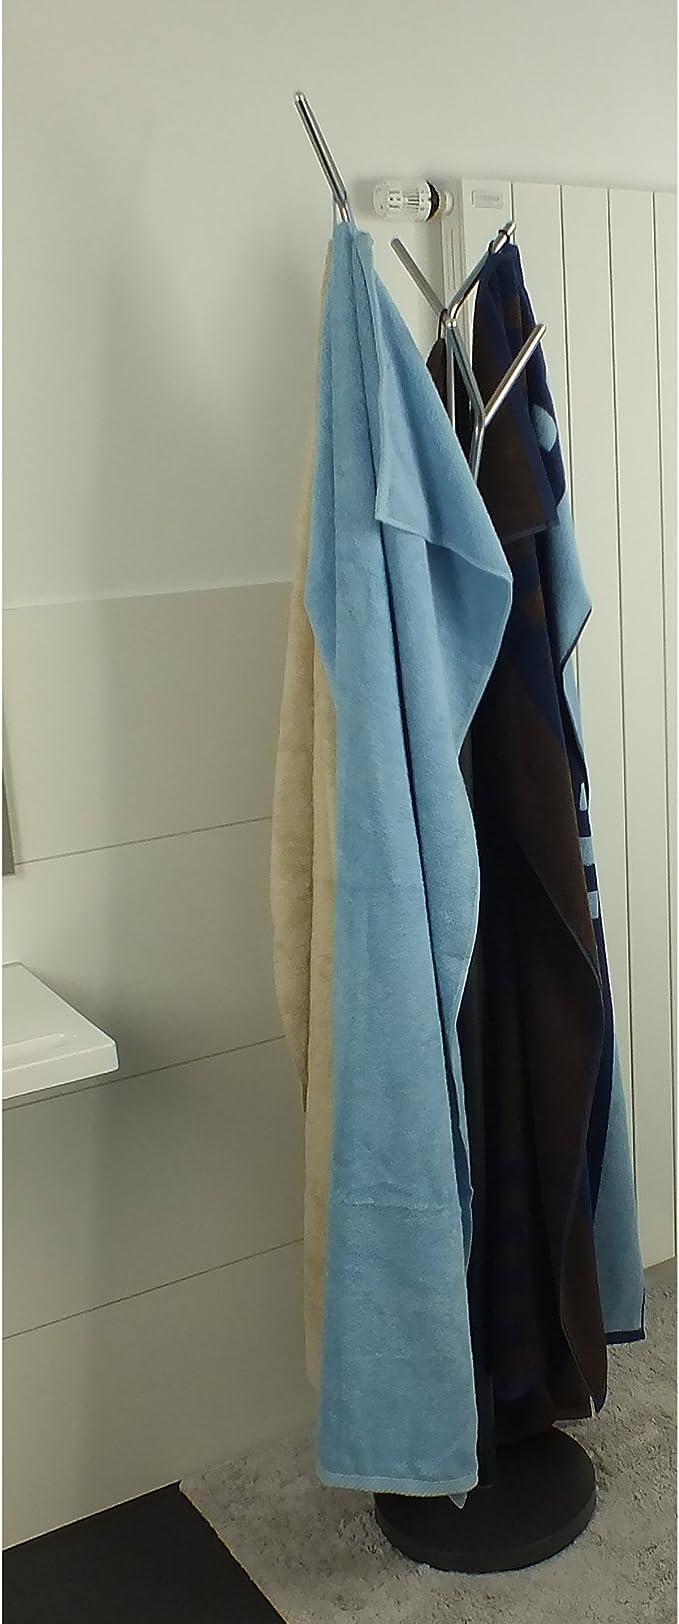 verniciatura a polvere Attaccapanni per bagno colore antracite metallo opaco cromato kela Sinerio 22233